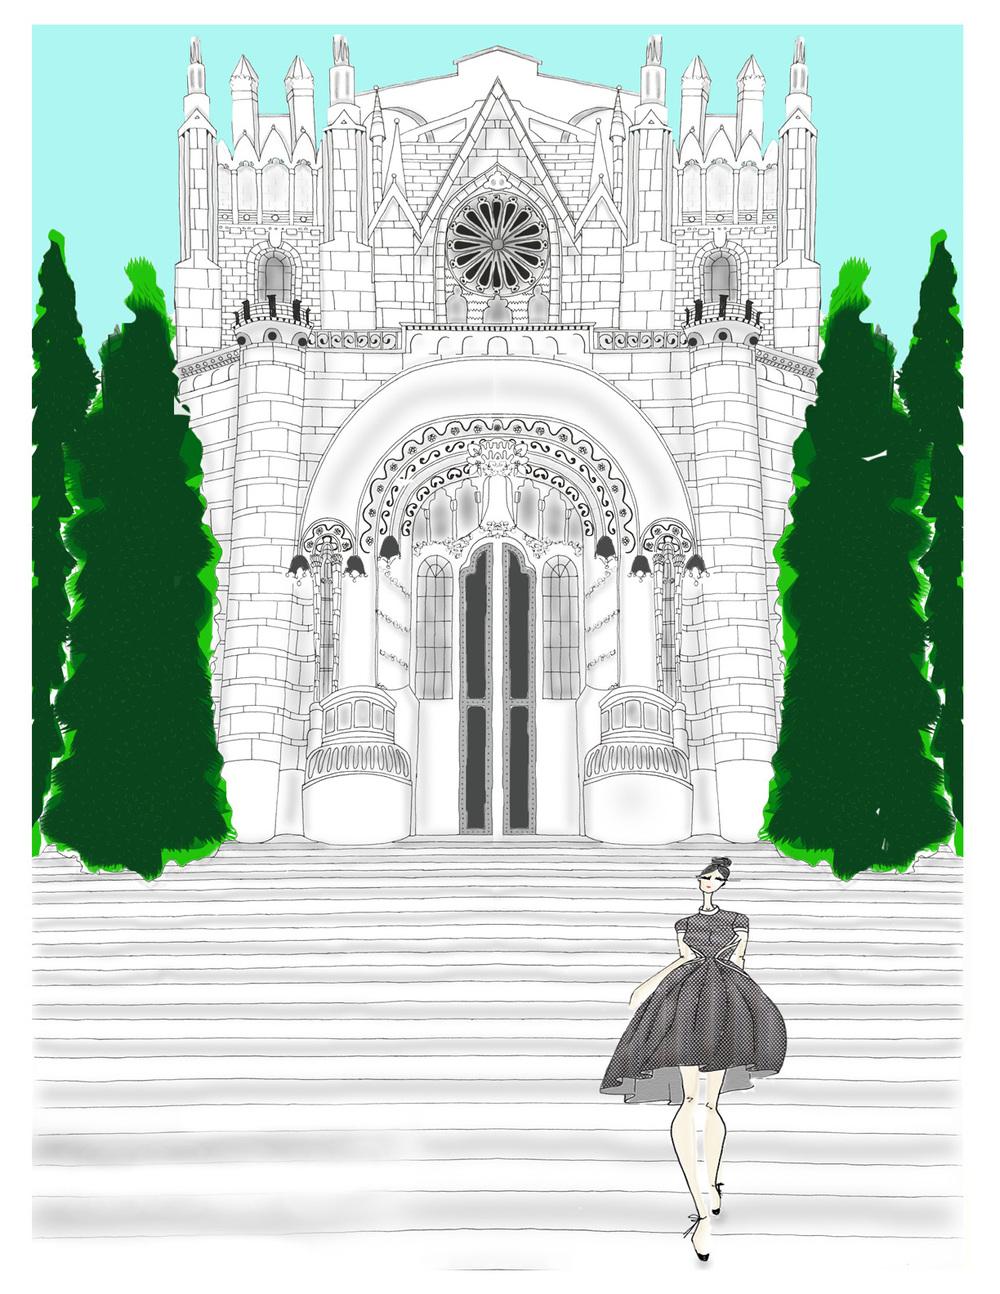 rendering of the Temple de Sagrat Cor on Mount Tibidabo in Barcelona